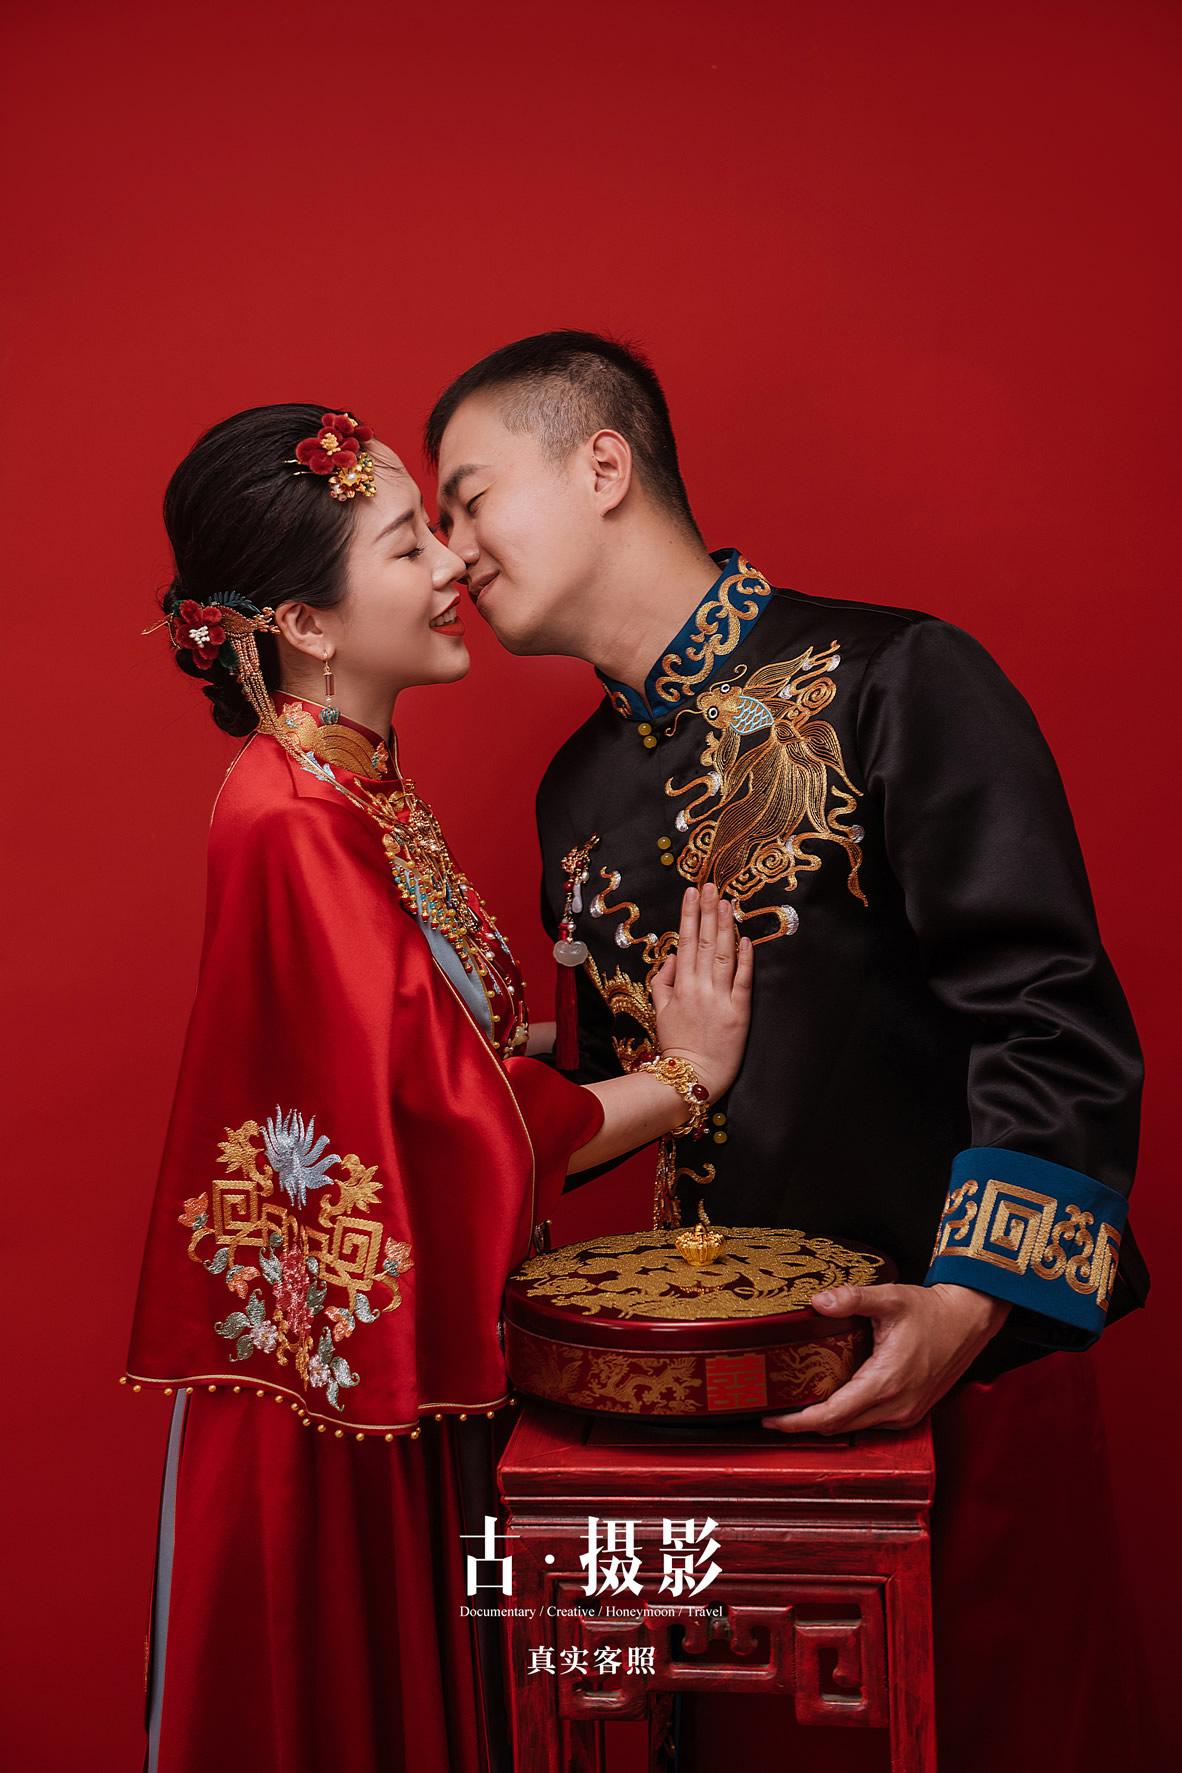 潘先生夫妇 - 每日客照 - 古摄影婚纱艺术-古摄影成都婚纱摄影艺术摄影网